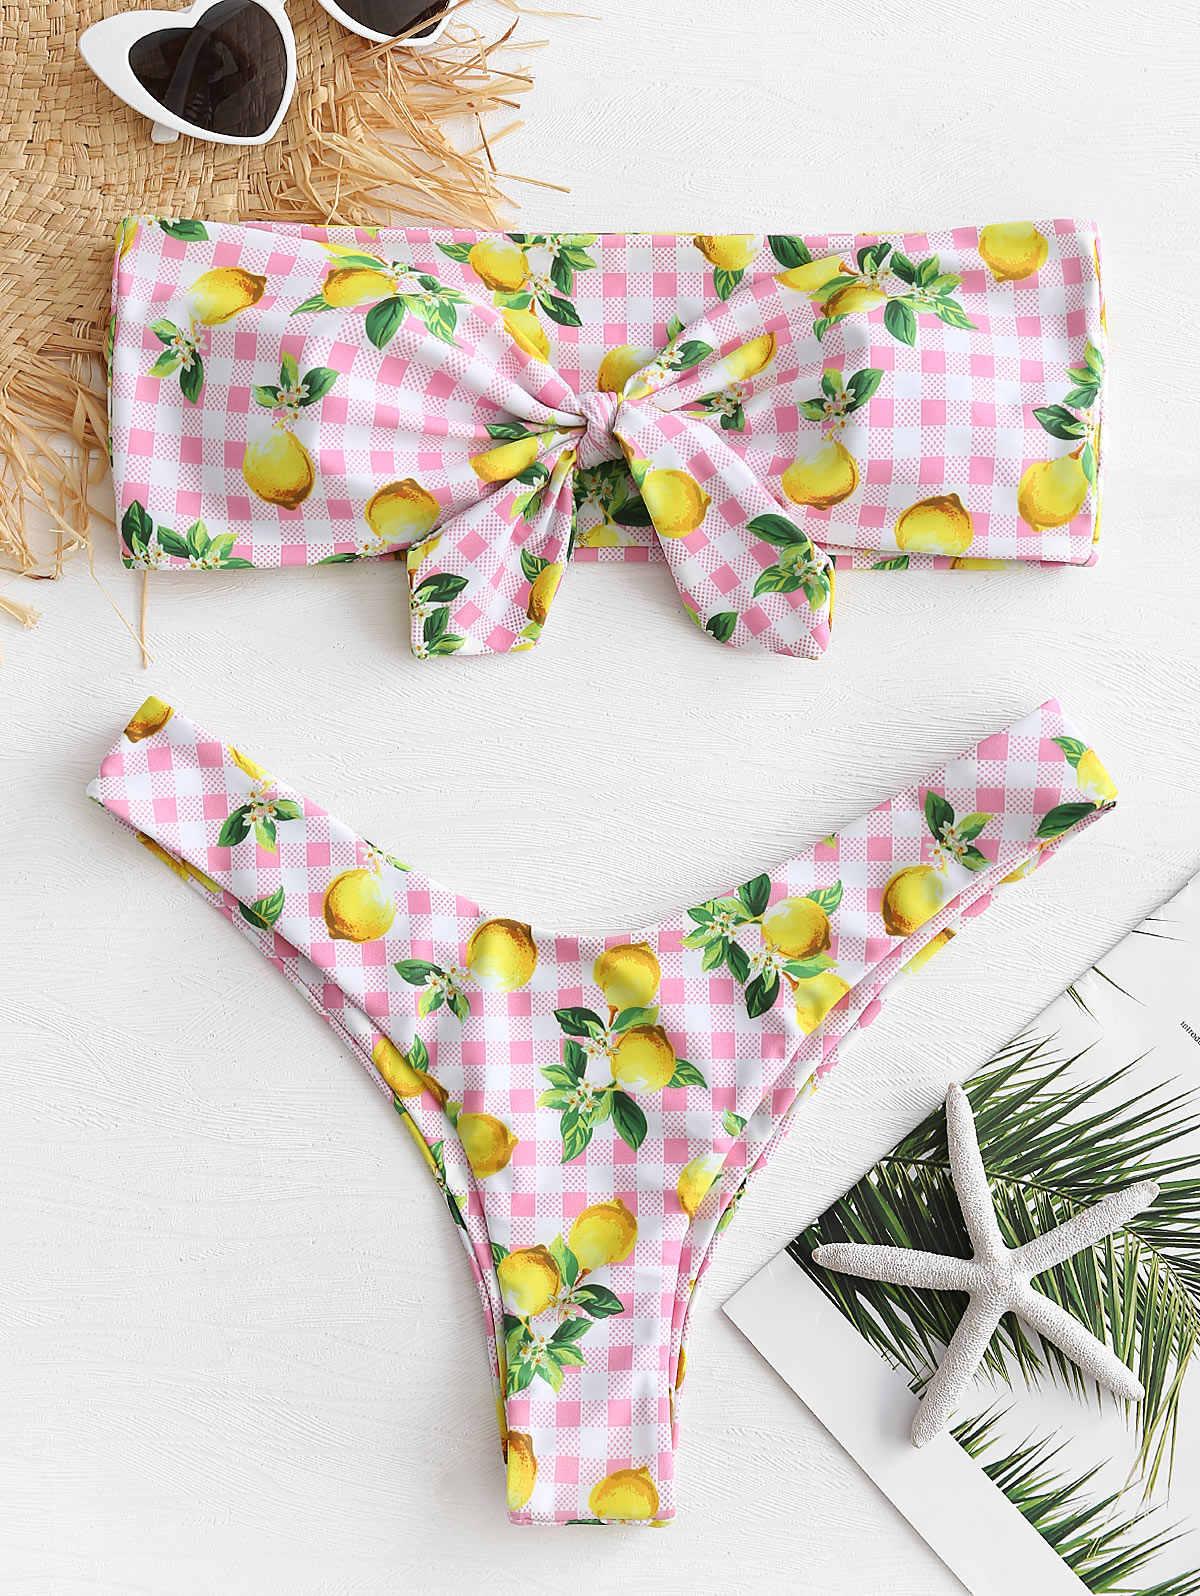 ZAFUL cytryny wiązane zestaw bikini bez ramiączek stroje kąpielowe kobiety Sexy Halter bez ramiączek z cytryny w paski wyściełane strój kąpielowy